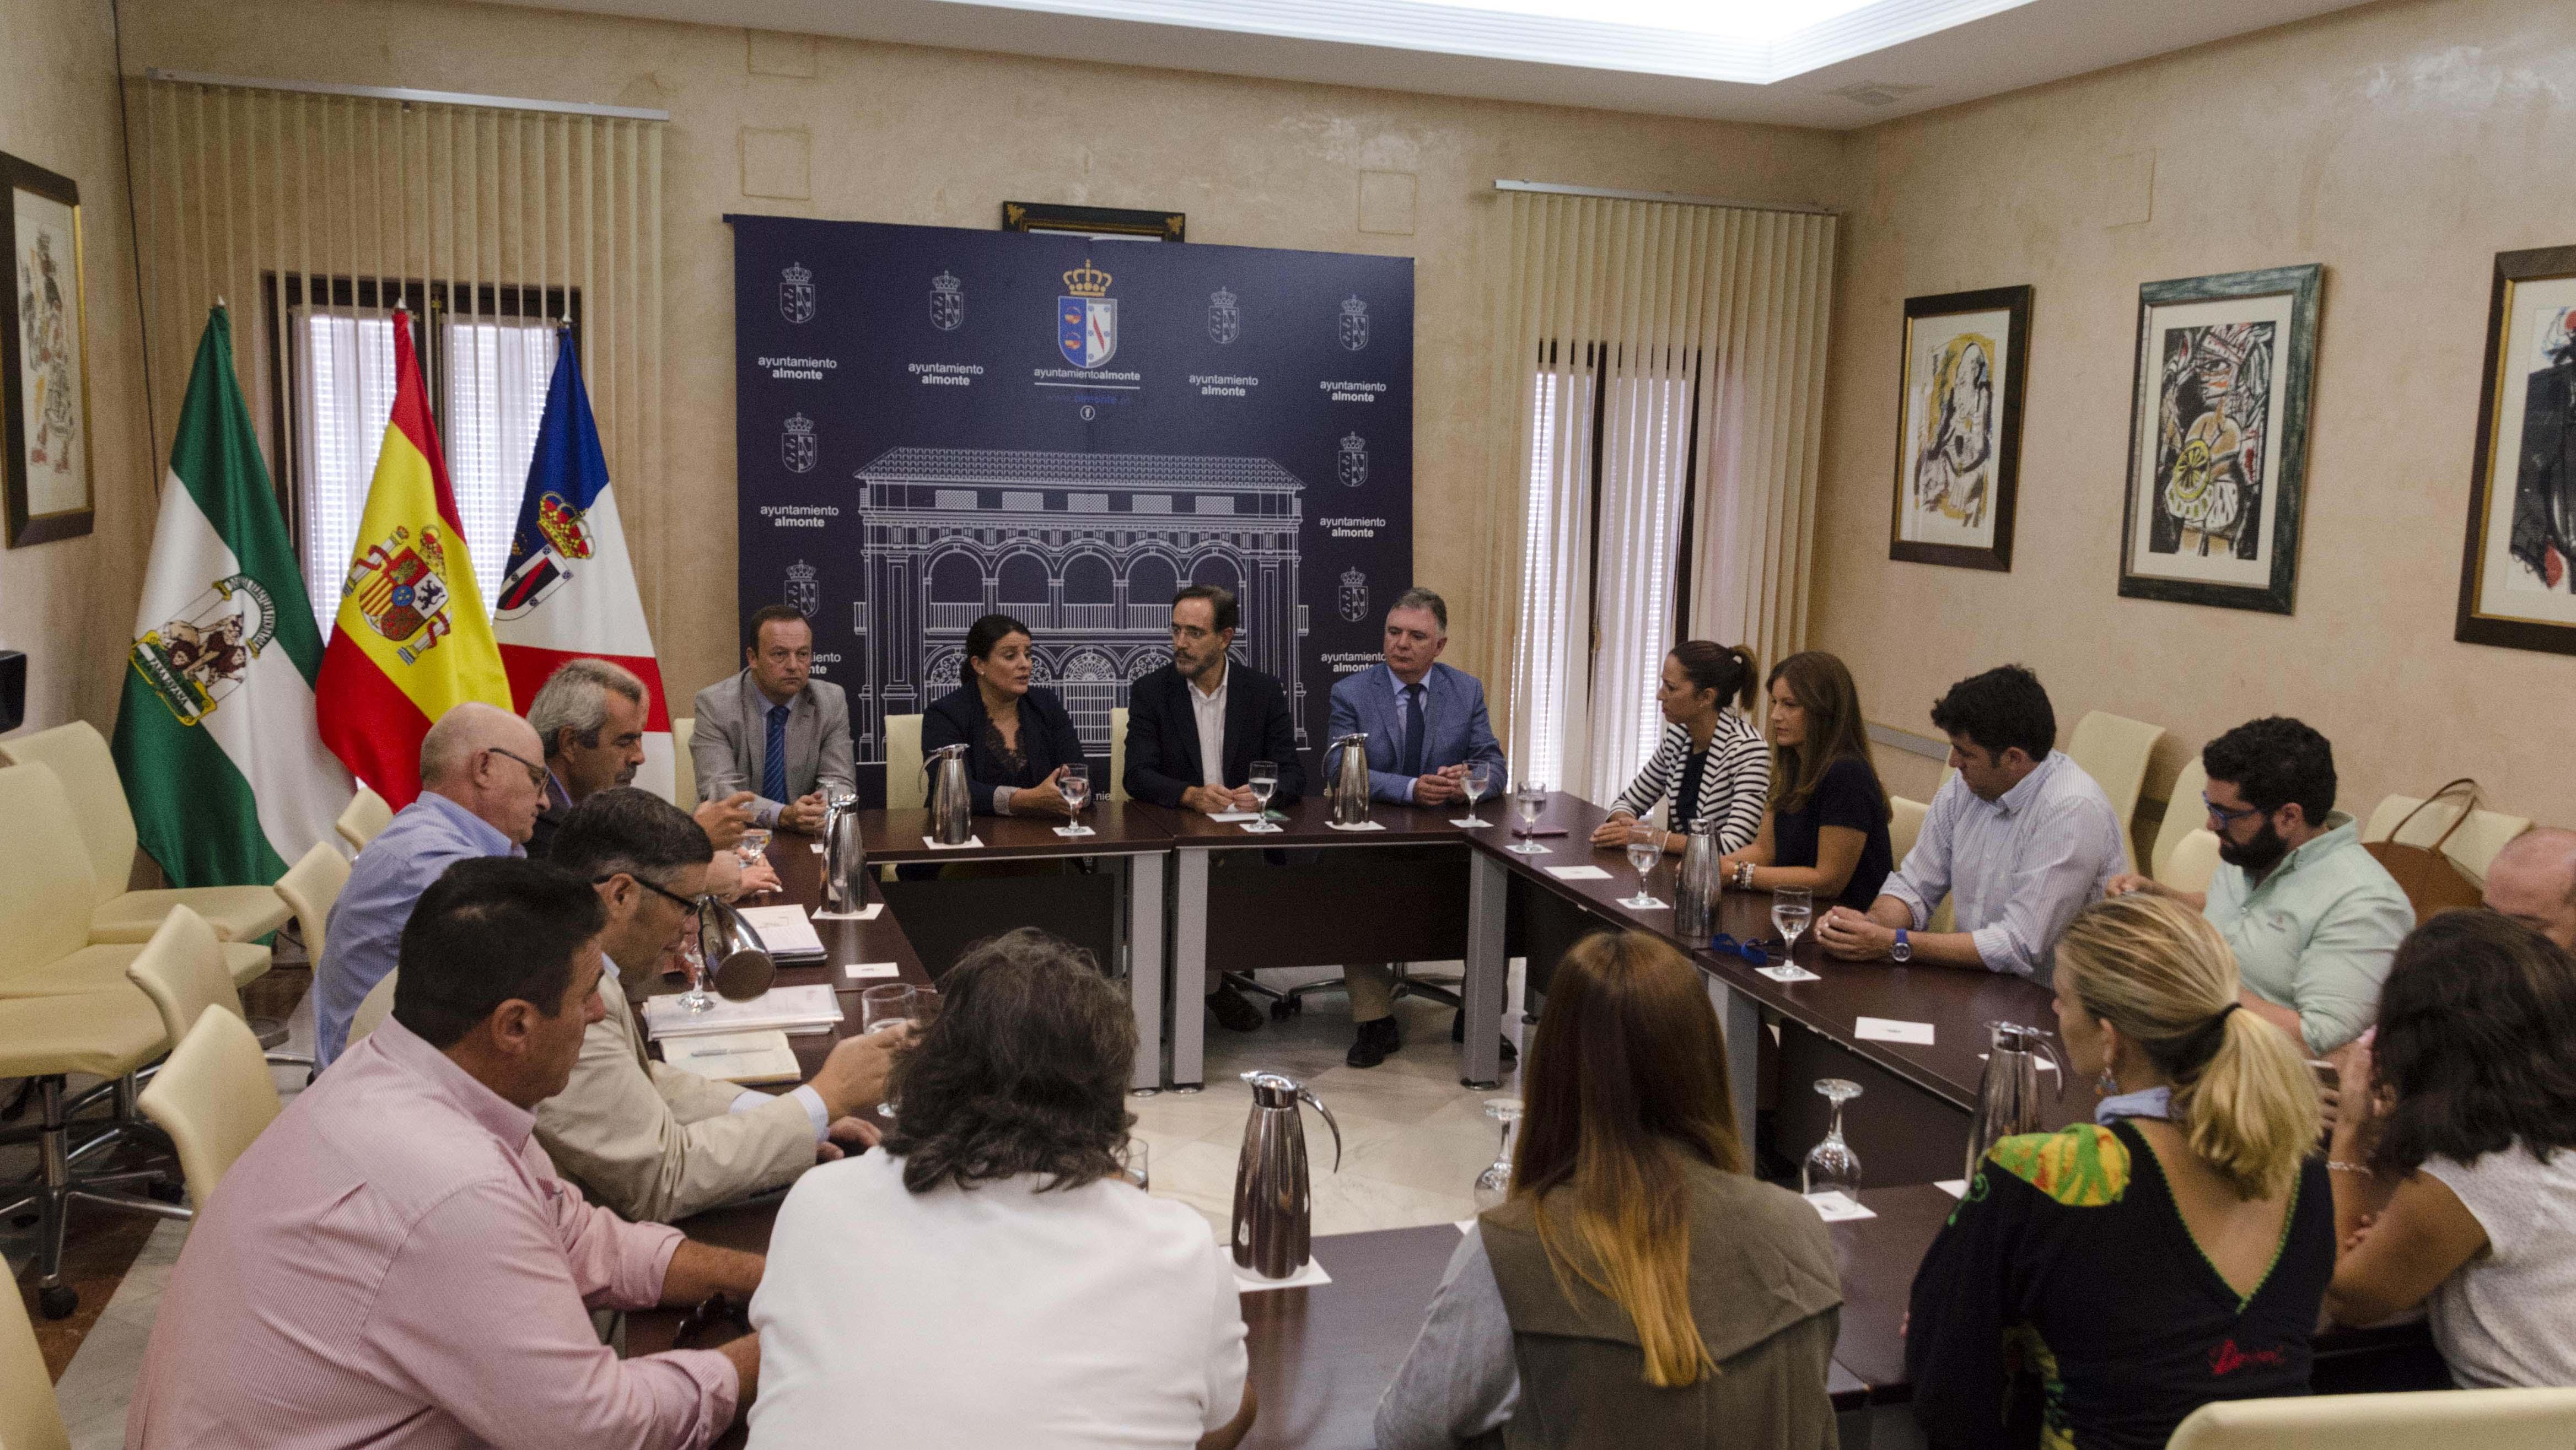 El consejero de Fomento, Felipe López, presenta el proyecto al equipo de gobierno almonteño y los colectivos sociales.